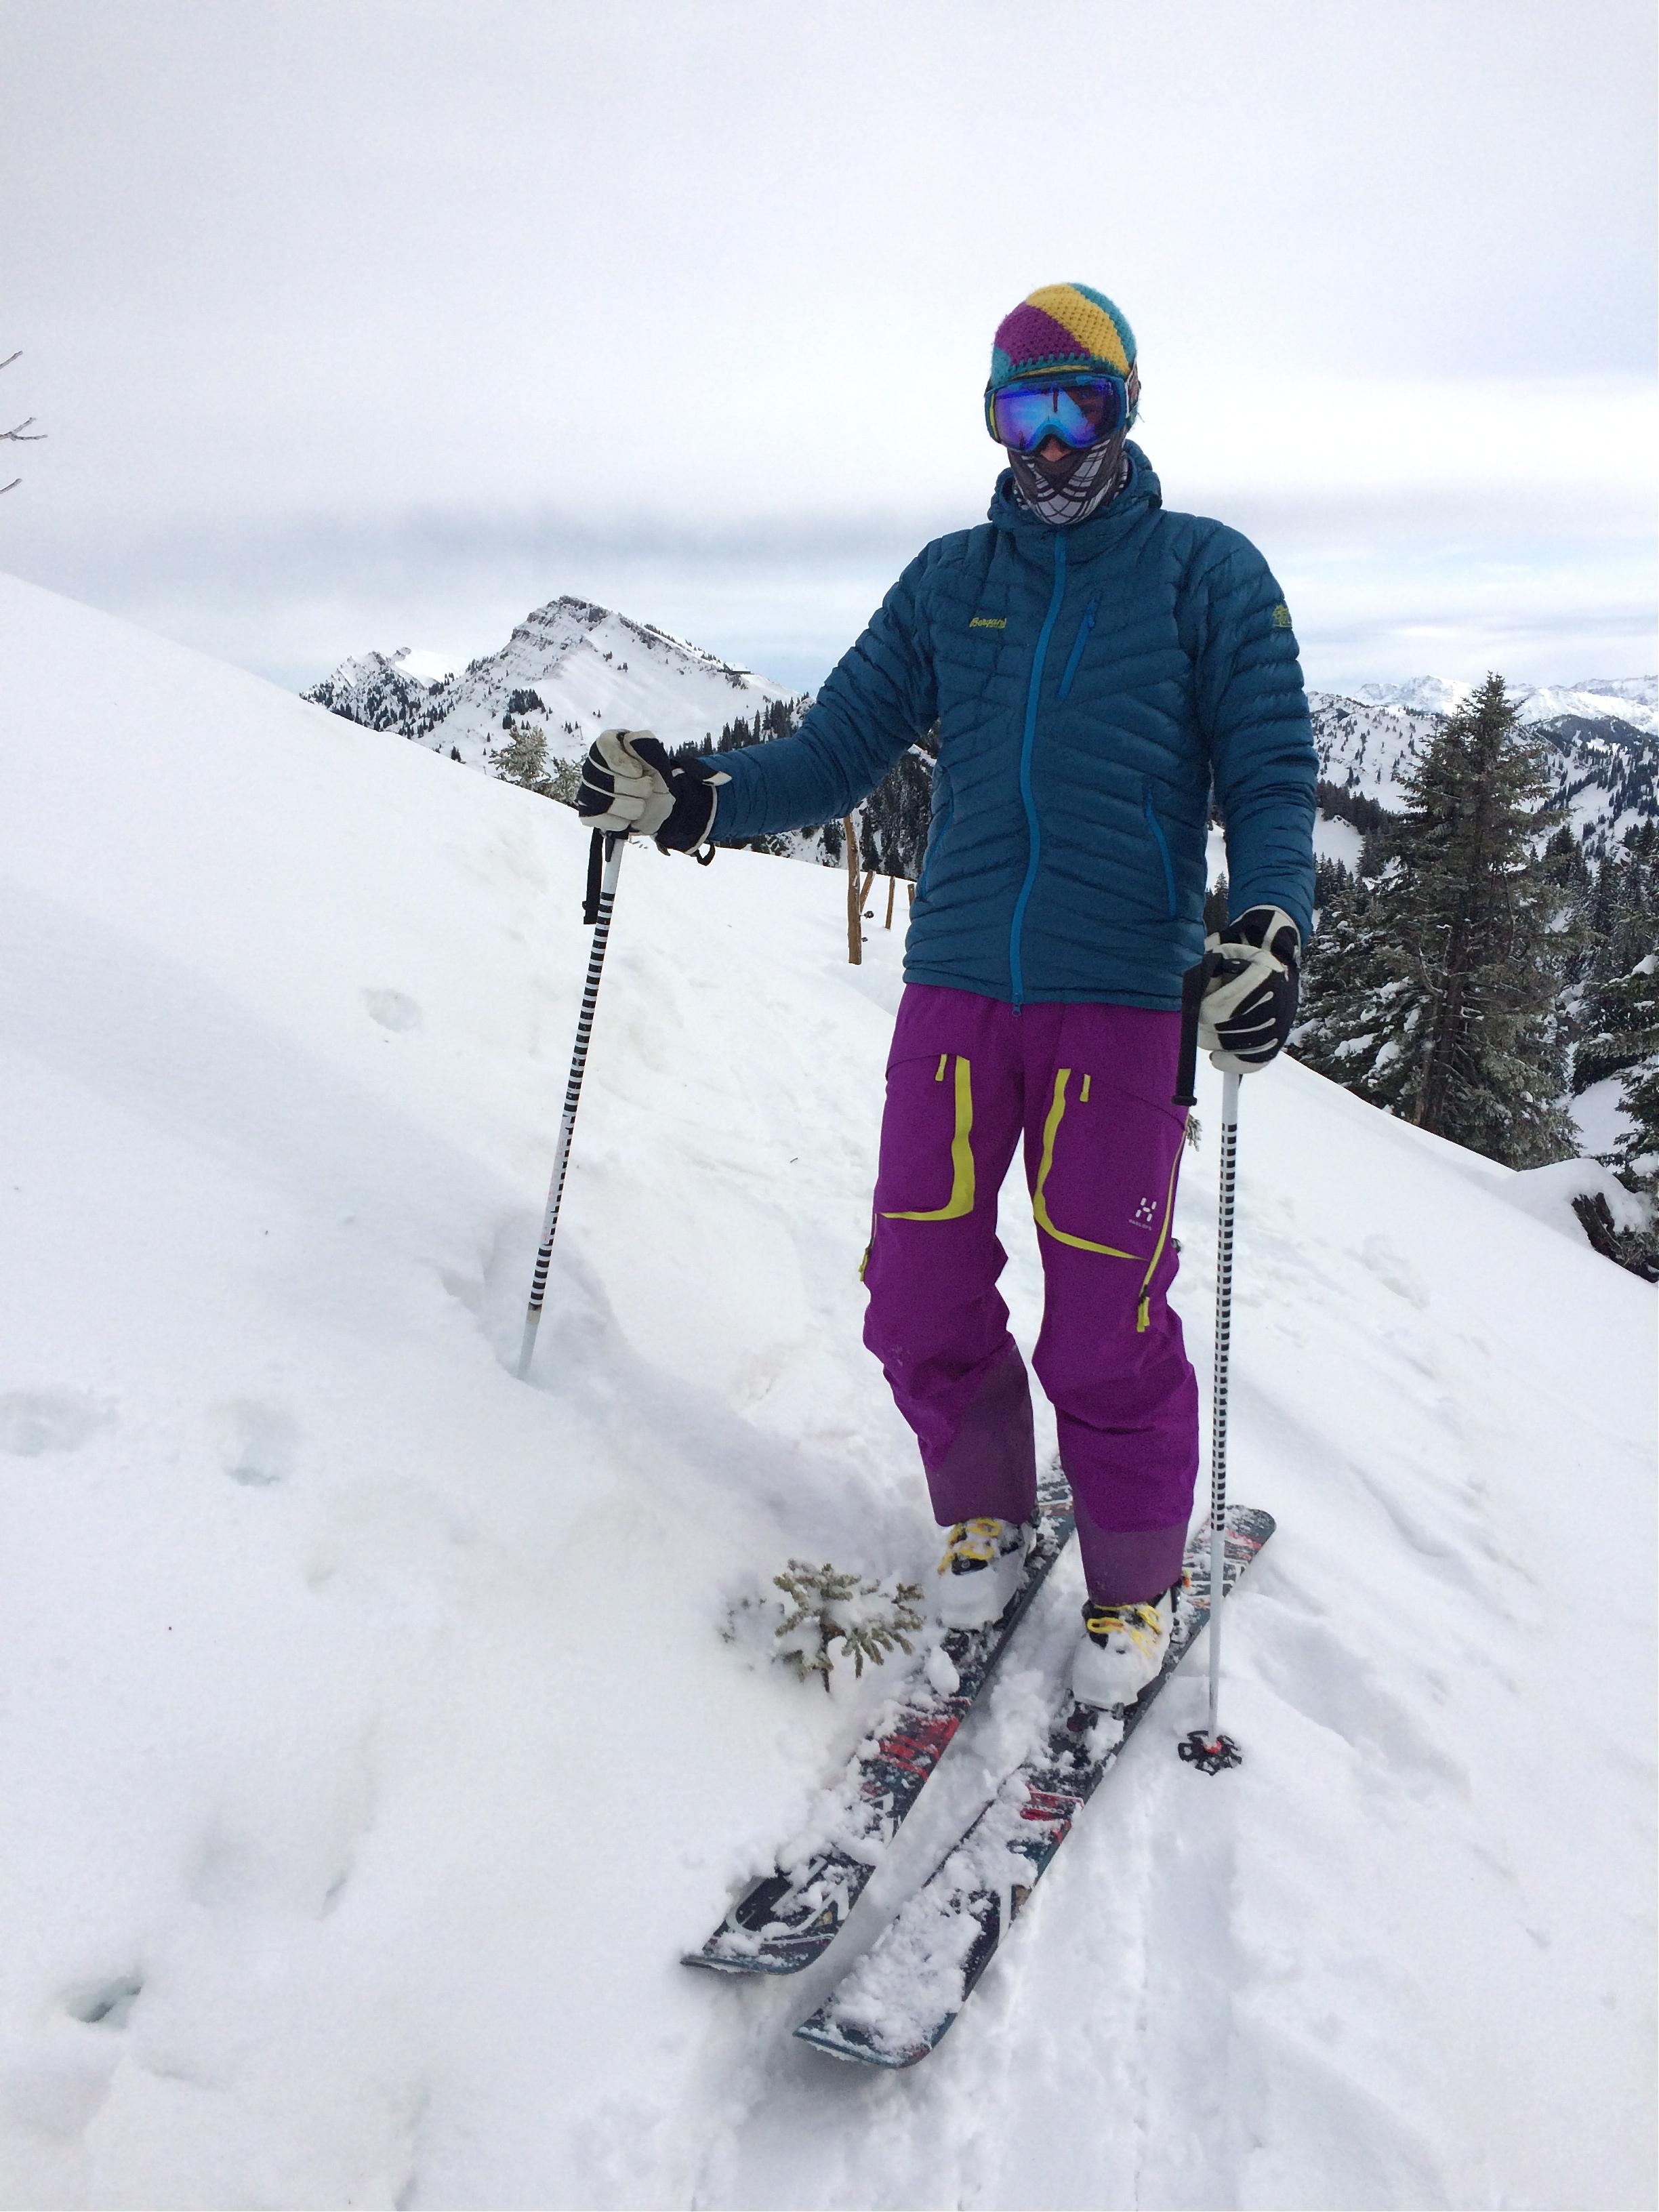 daunenjacke skifahren